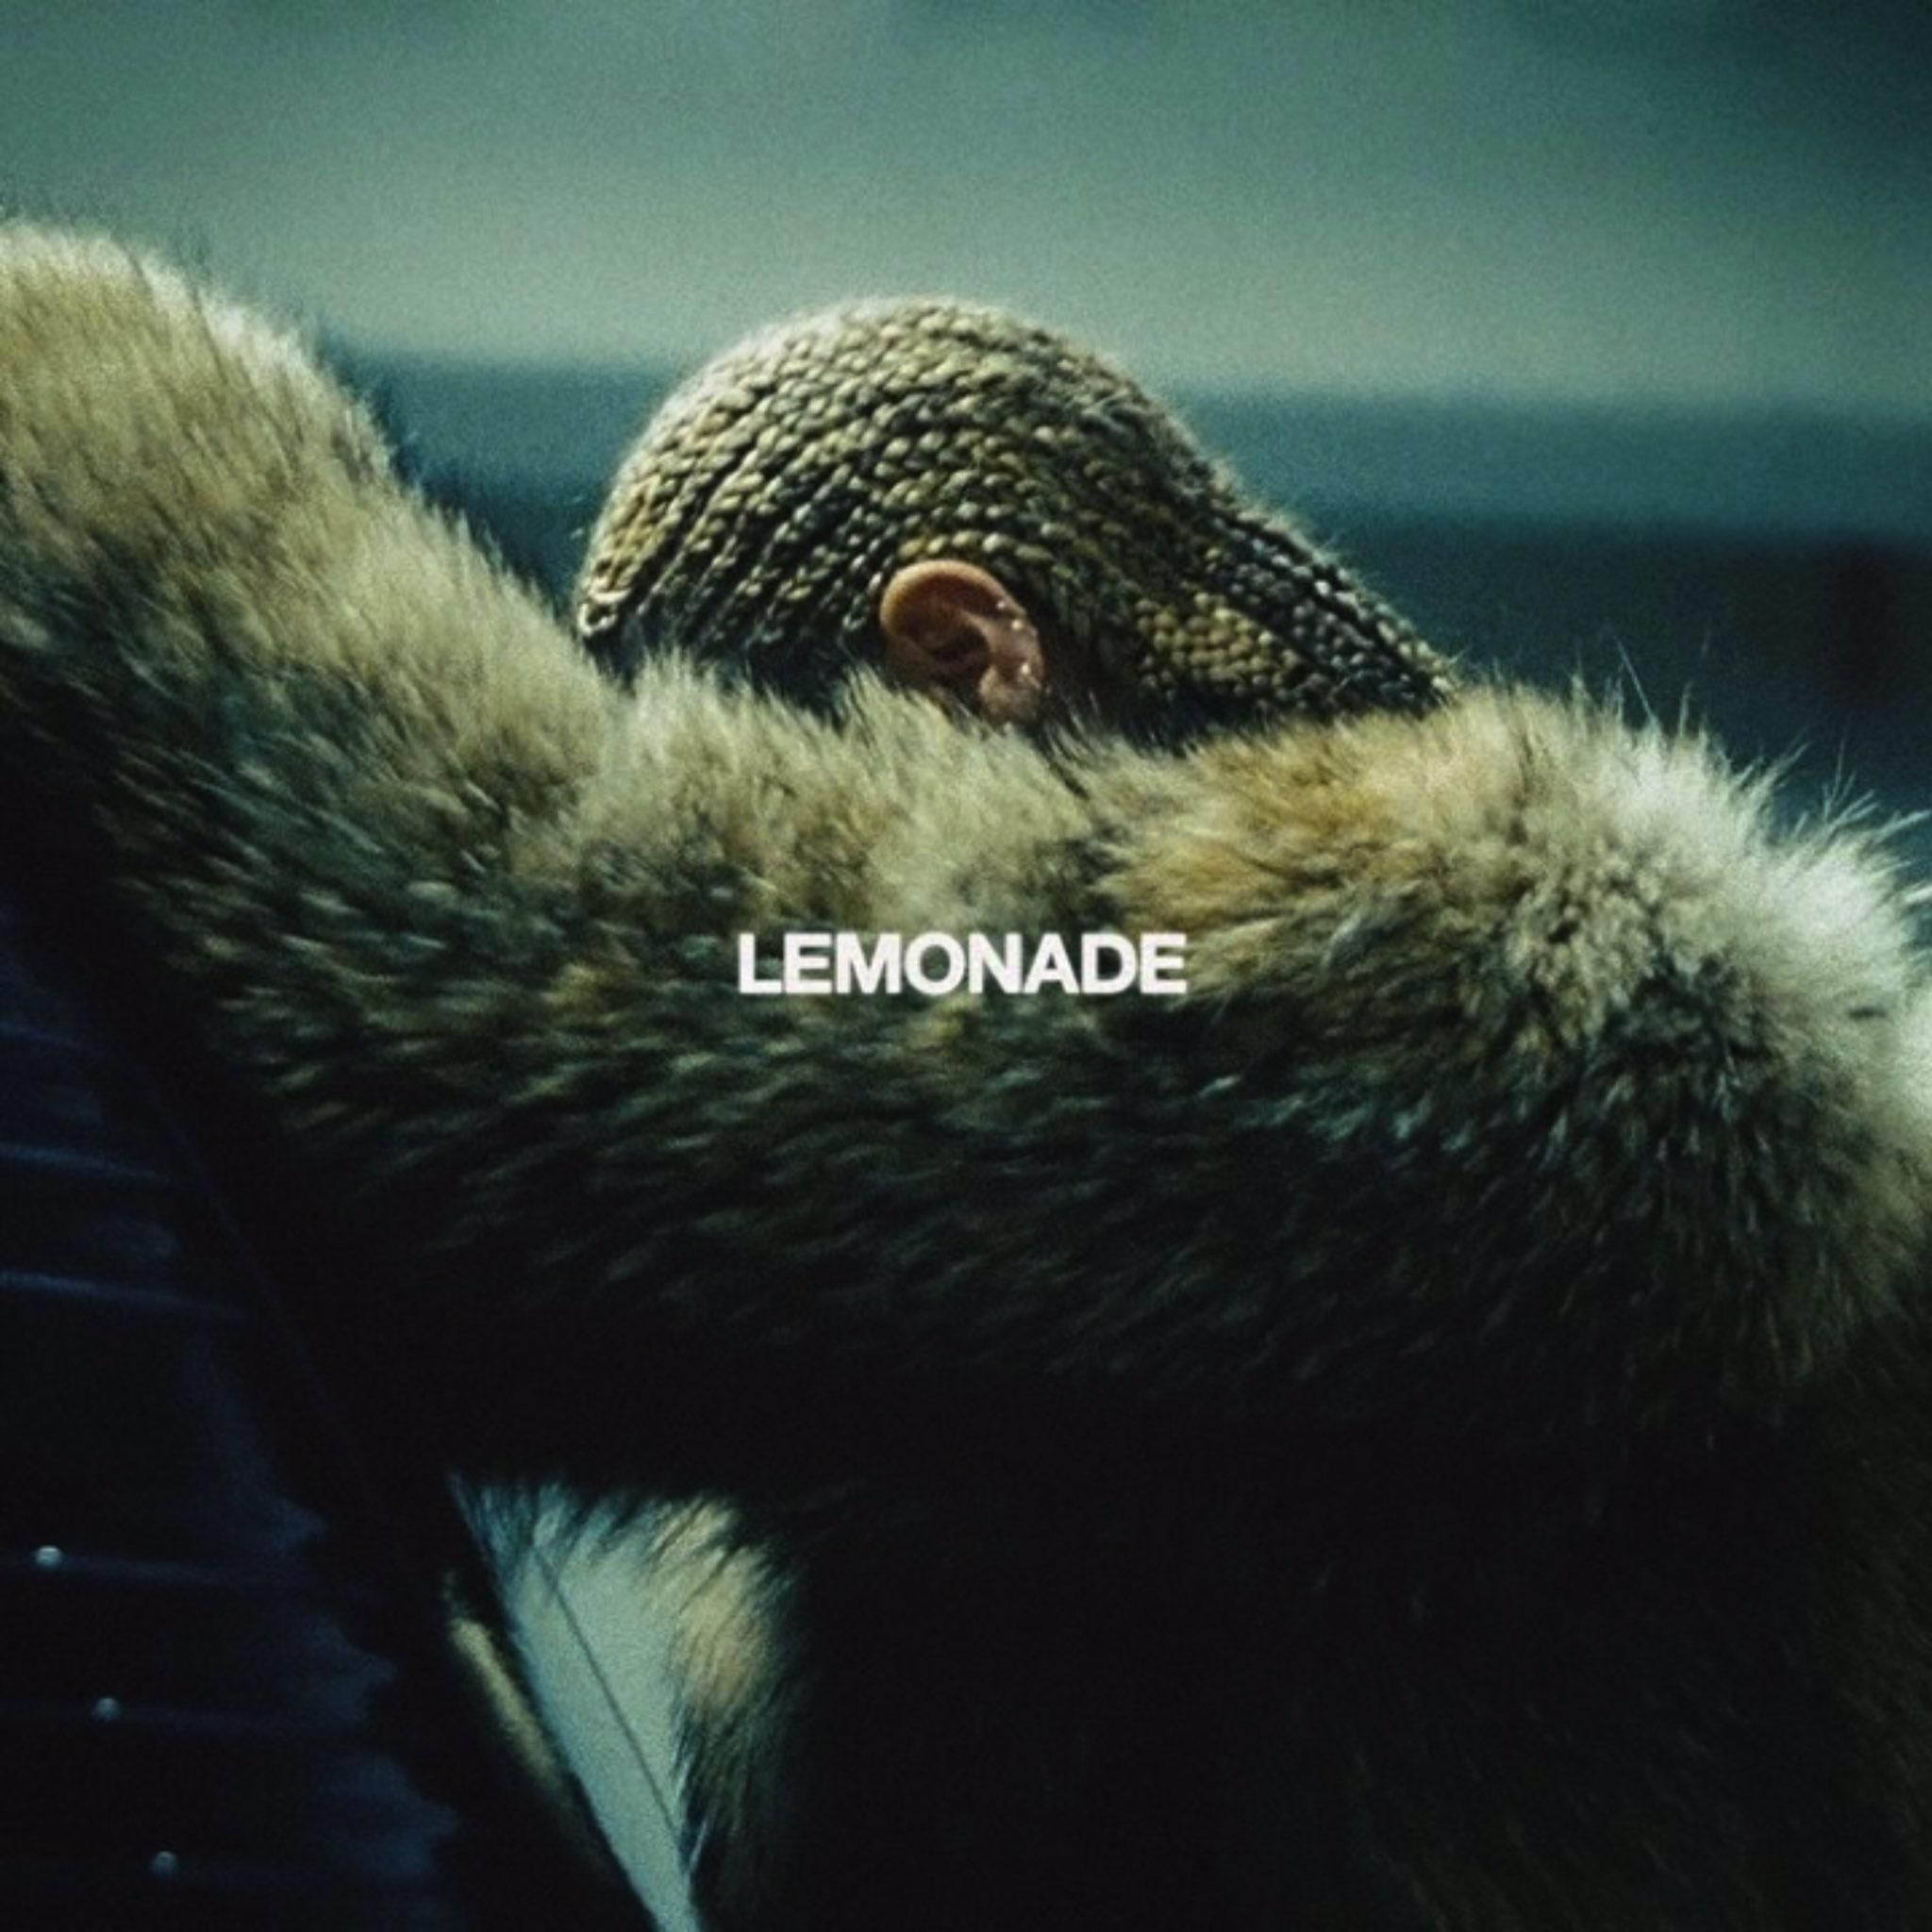 lemonade false tidal numbers